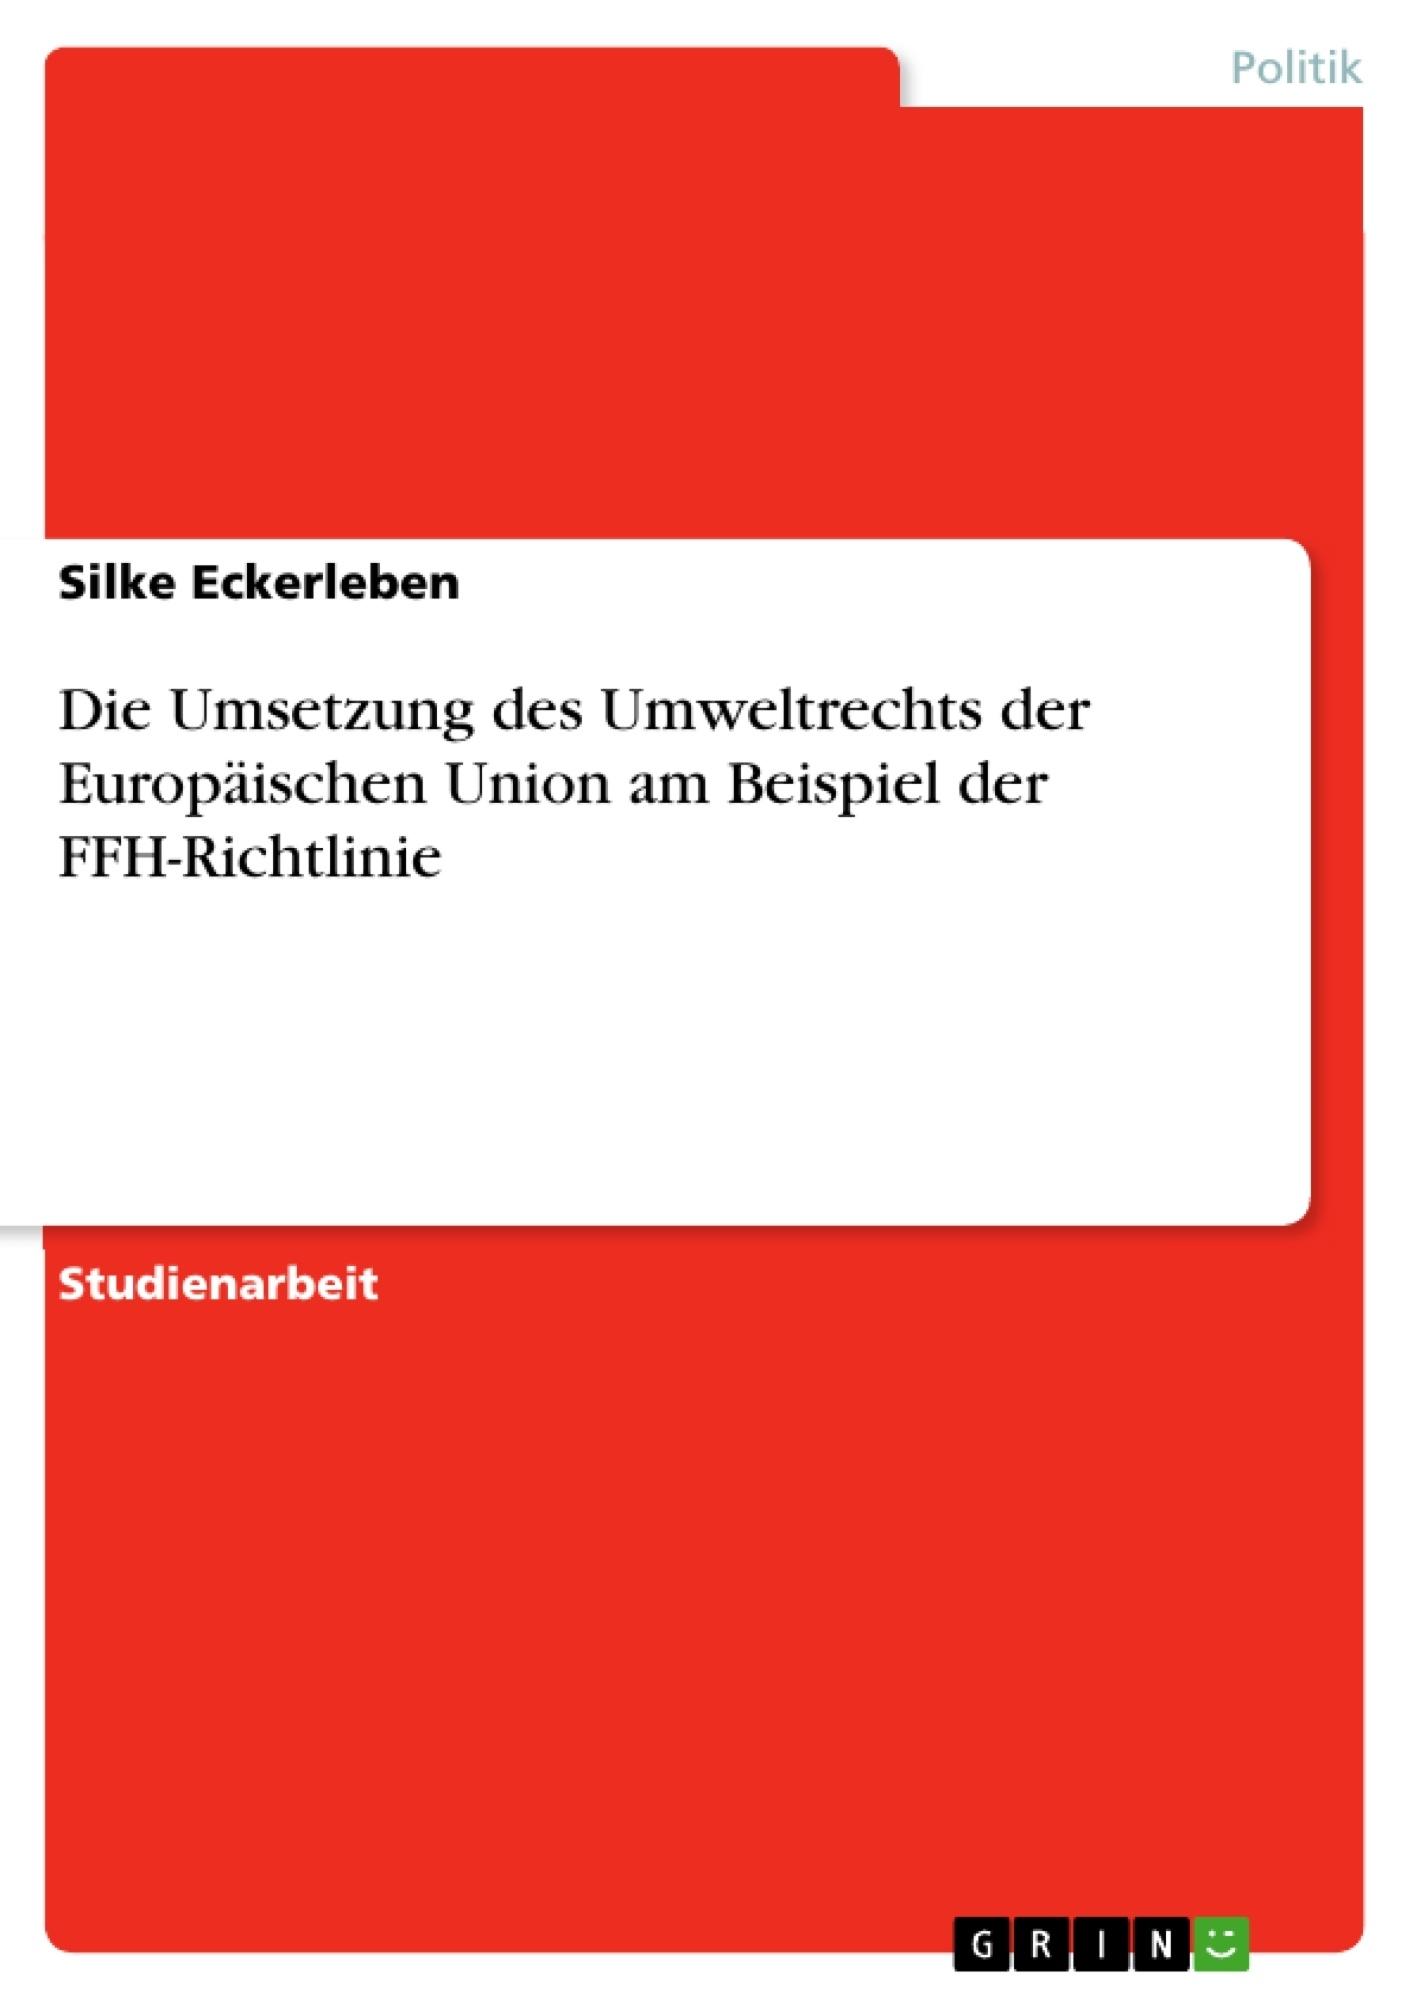 Titel: Die Umsetzung des Umweltrechts der Europäischen Union am Beispiel der FFH-Richtlinie